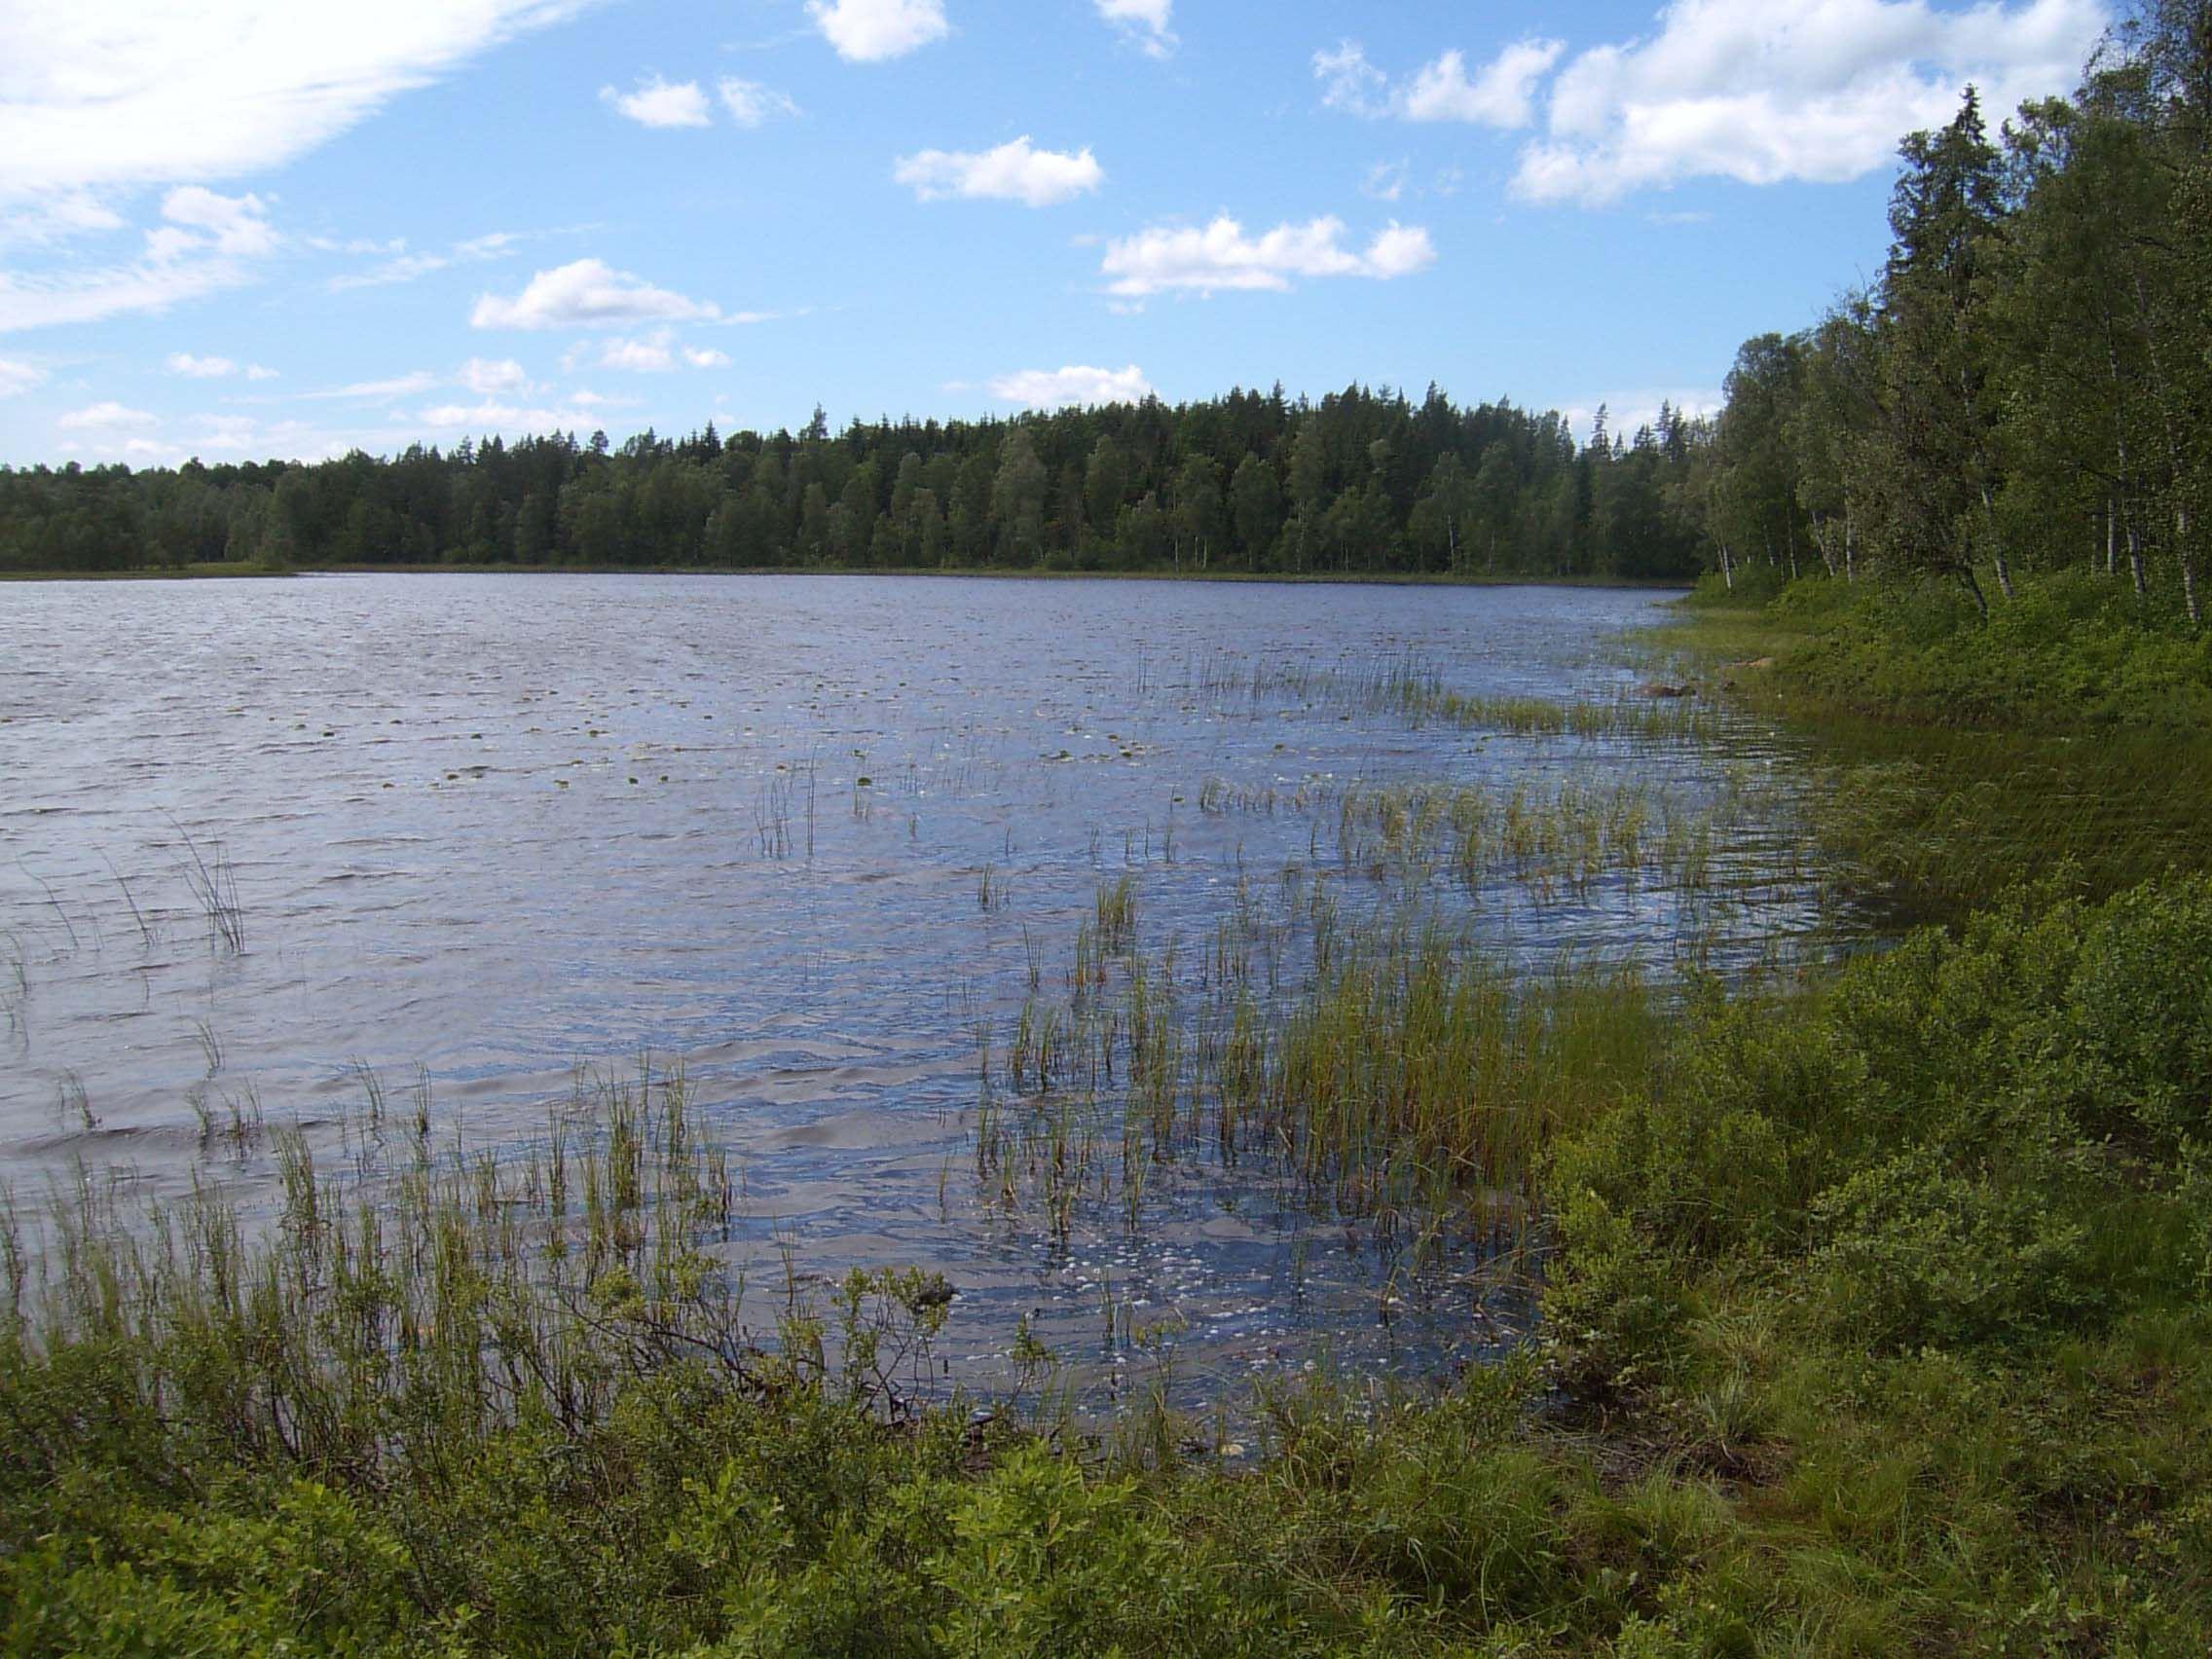 Färgsjön, Stora Hammarsjöområdet